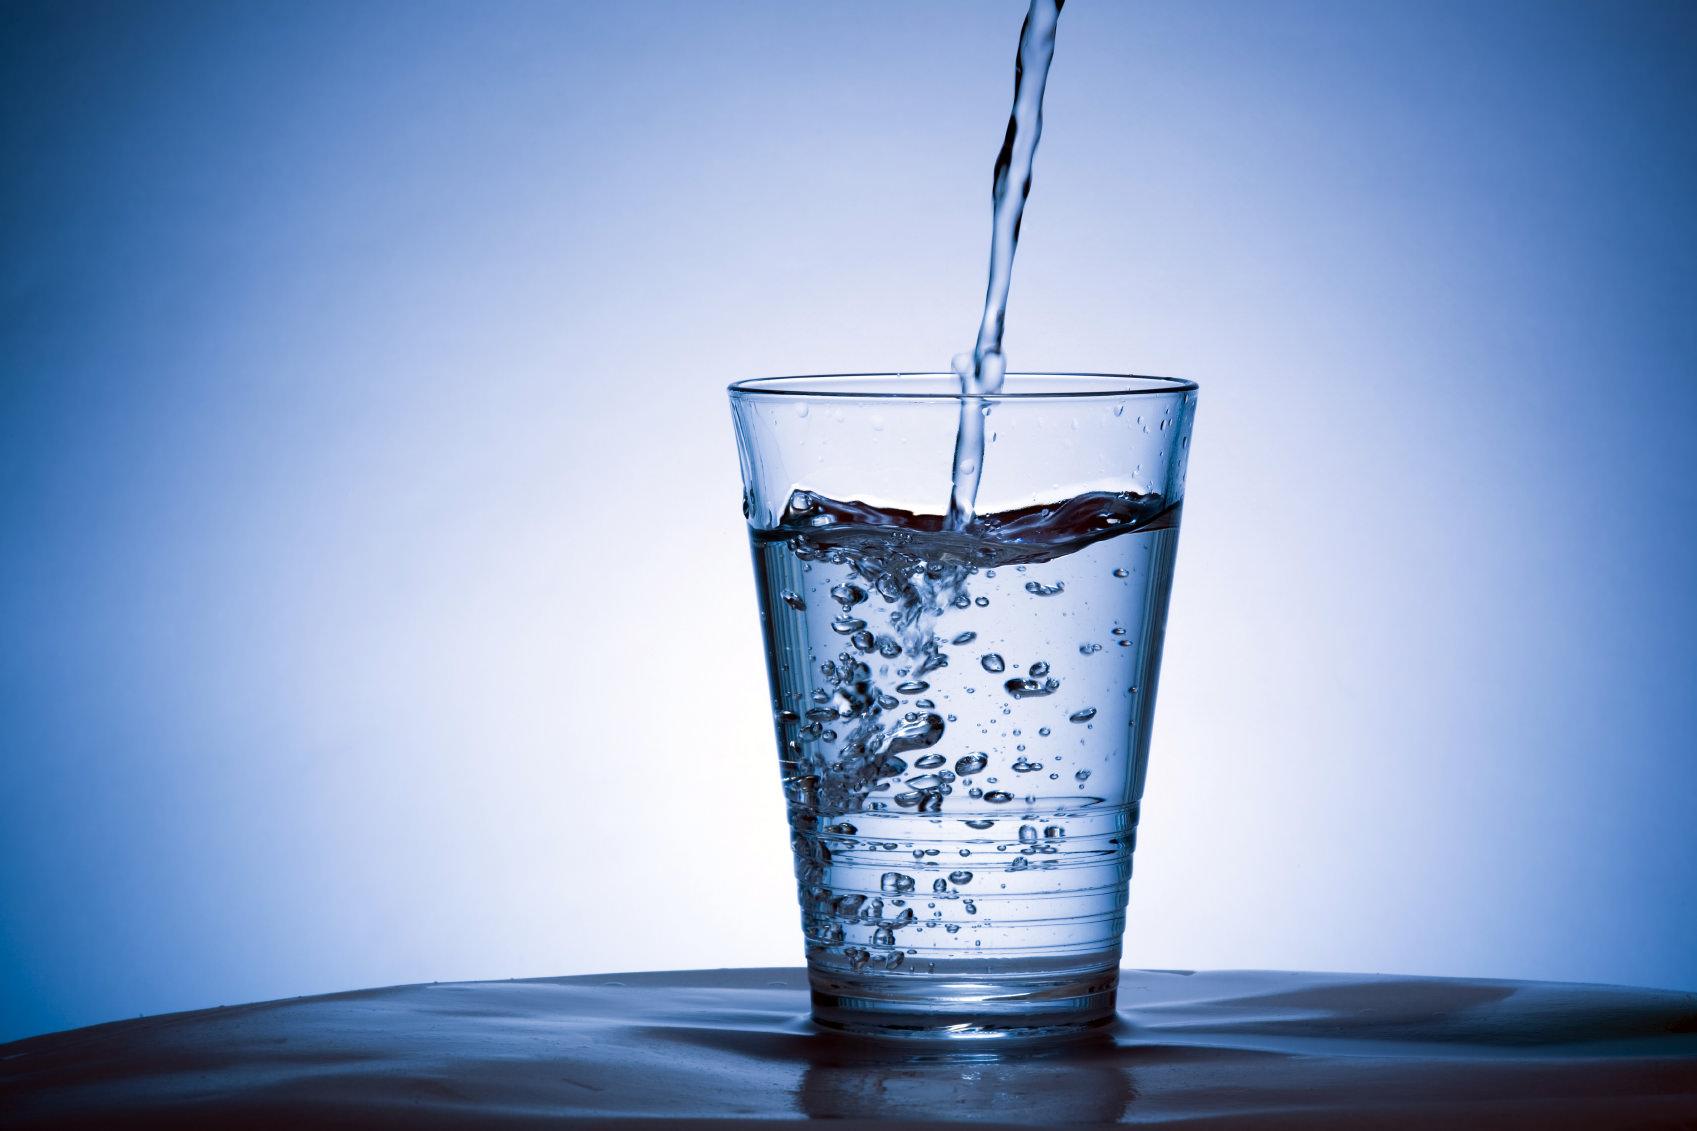 Antrenman Yaparken Ne Kadar Su İçmeliyim?